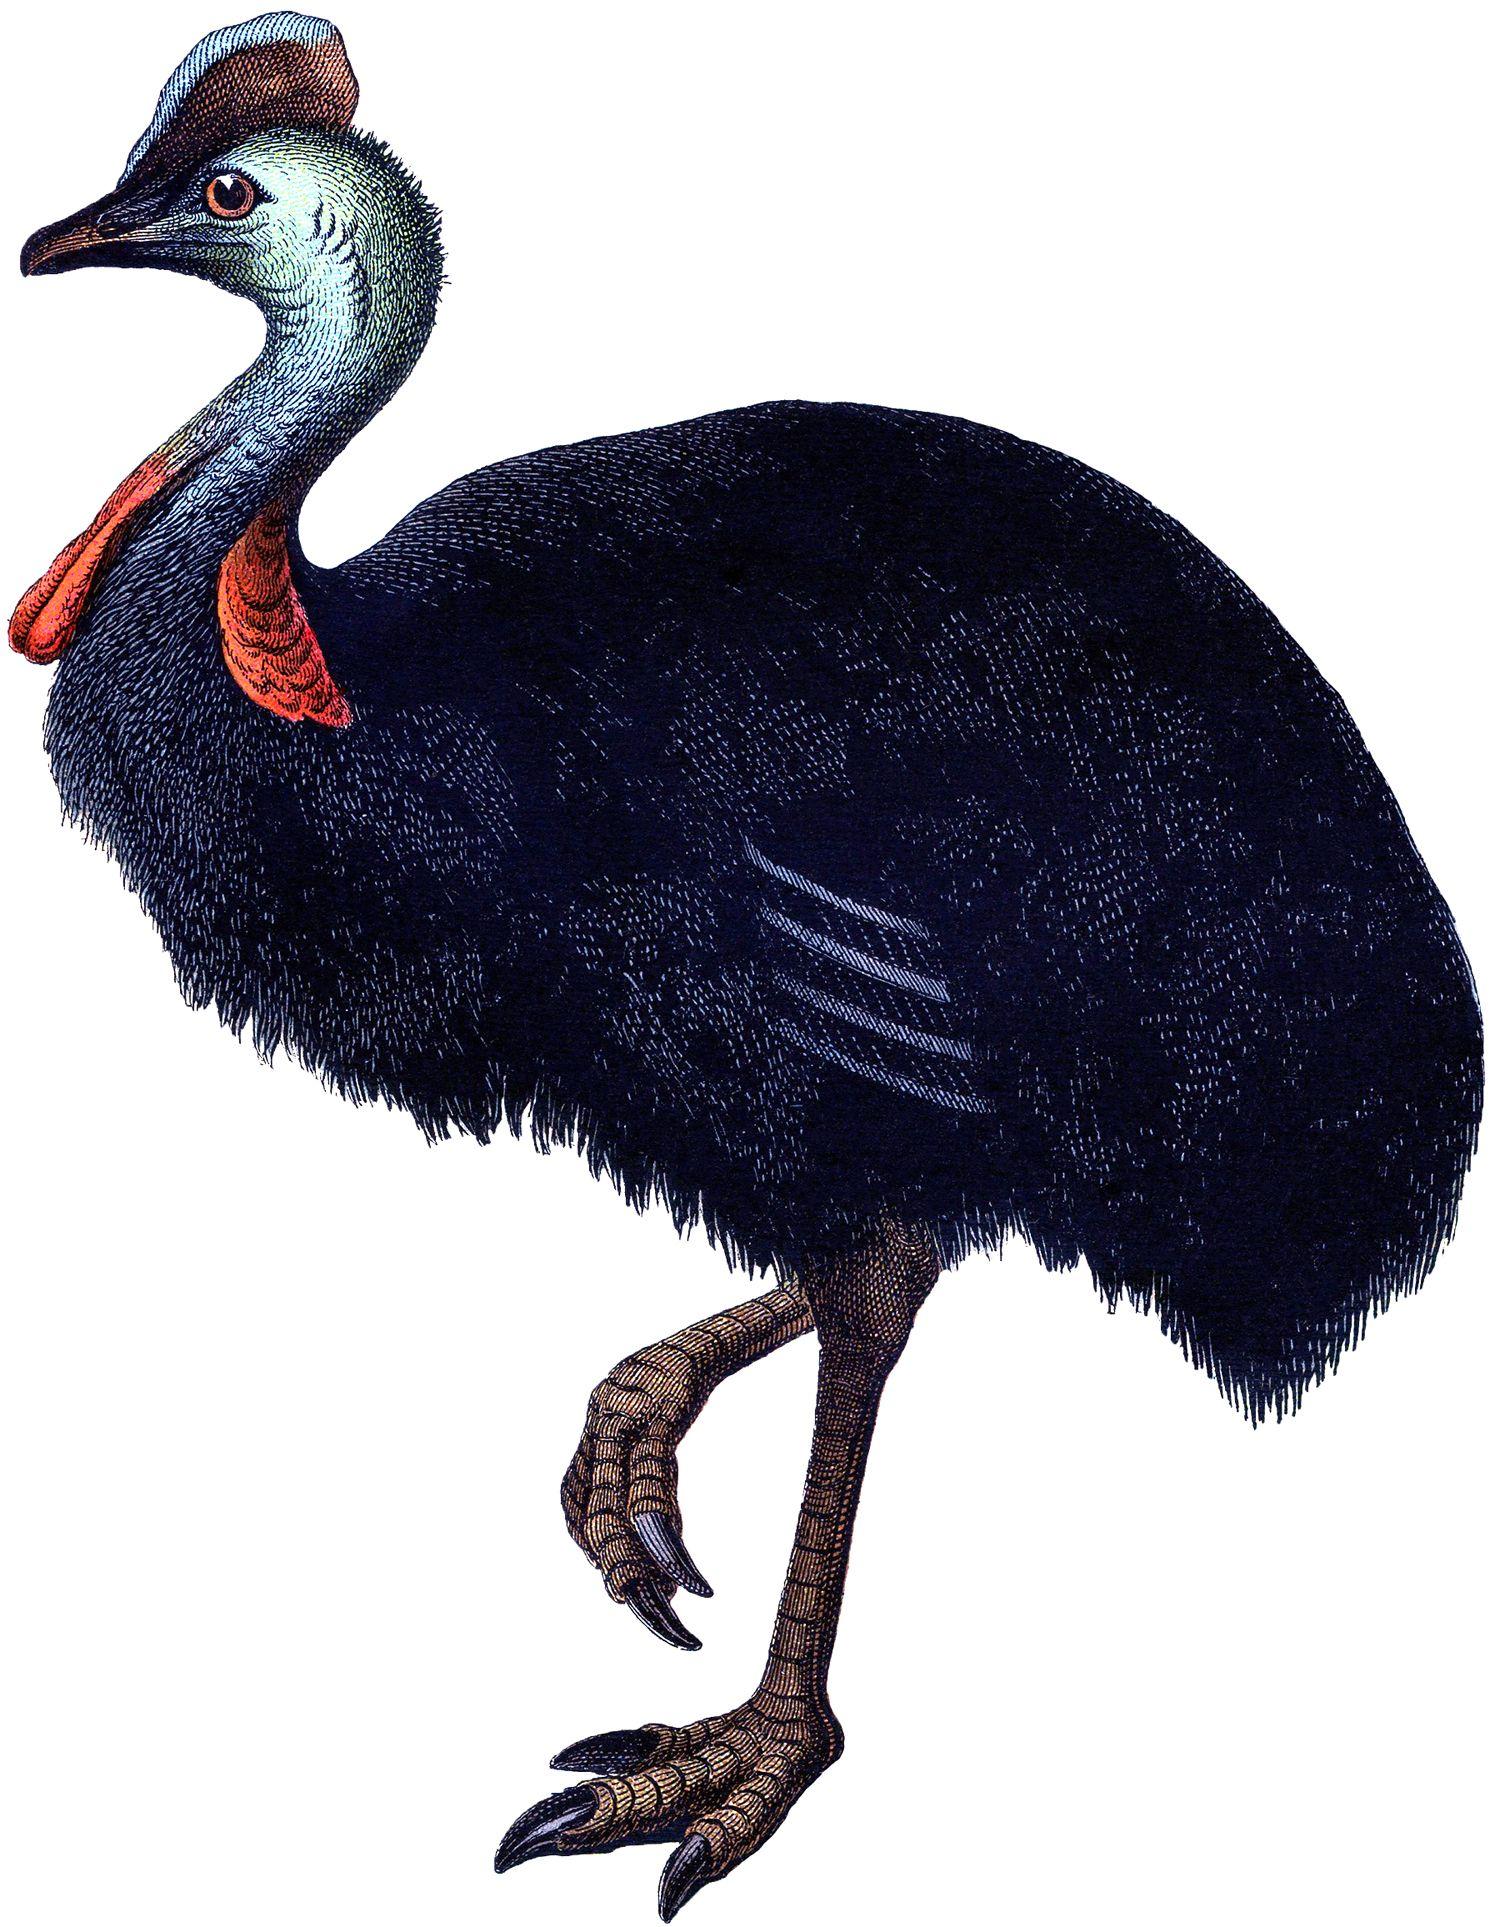 Vintage Ostrich Image 2.